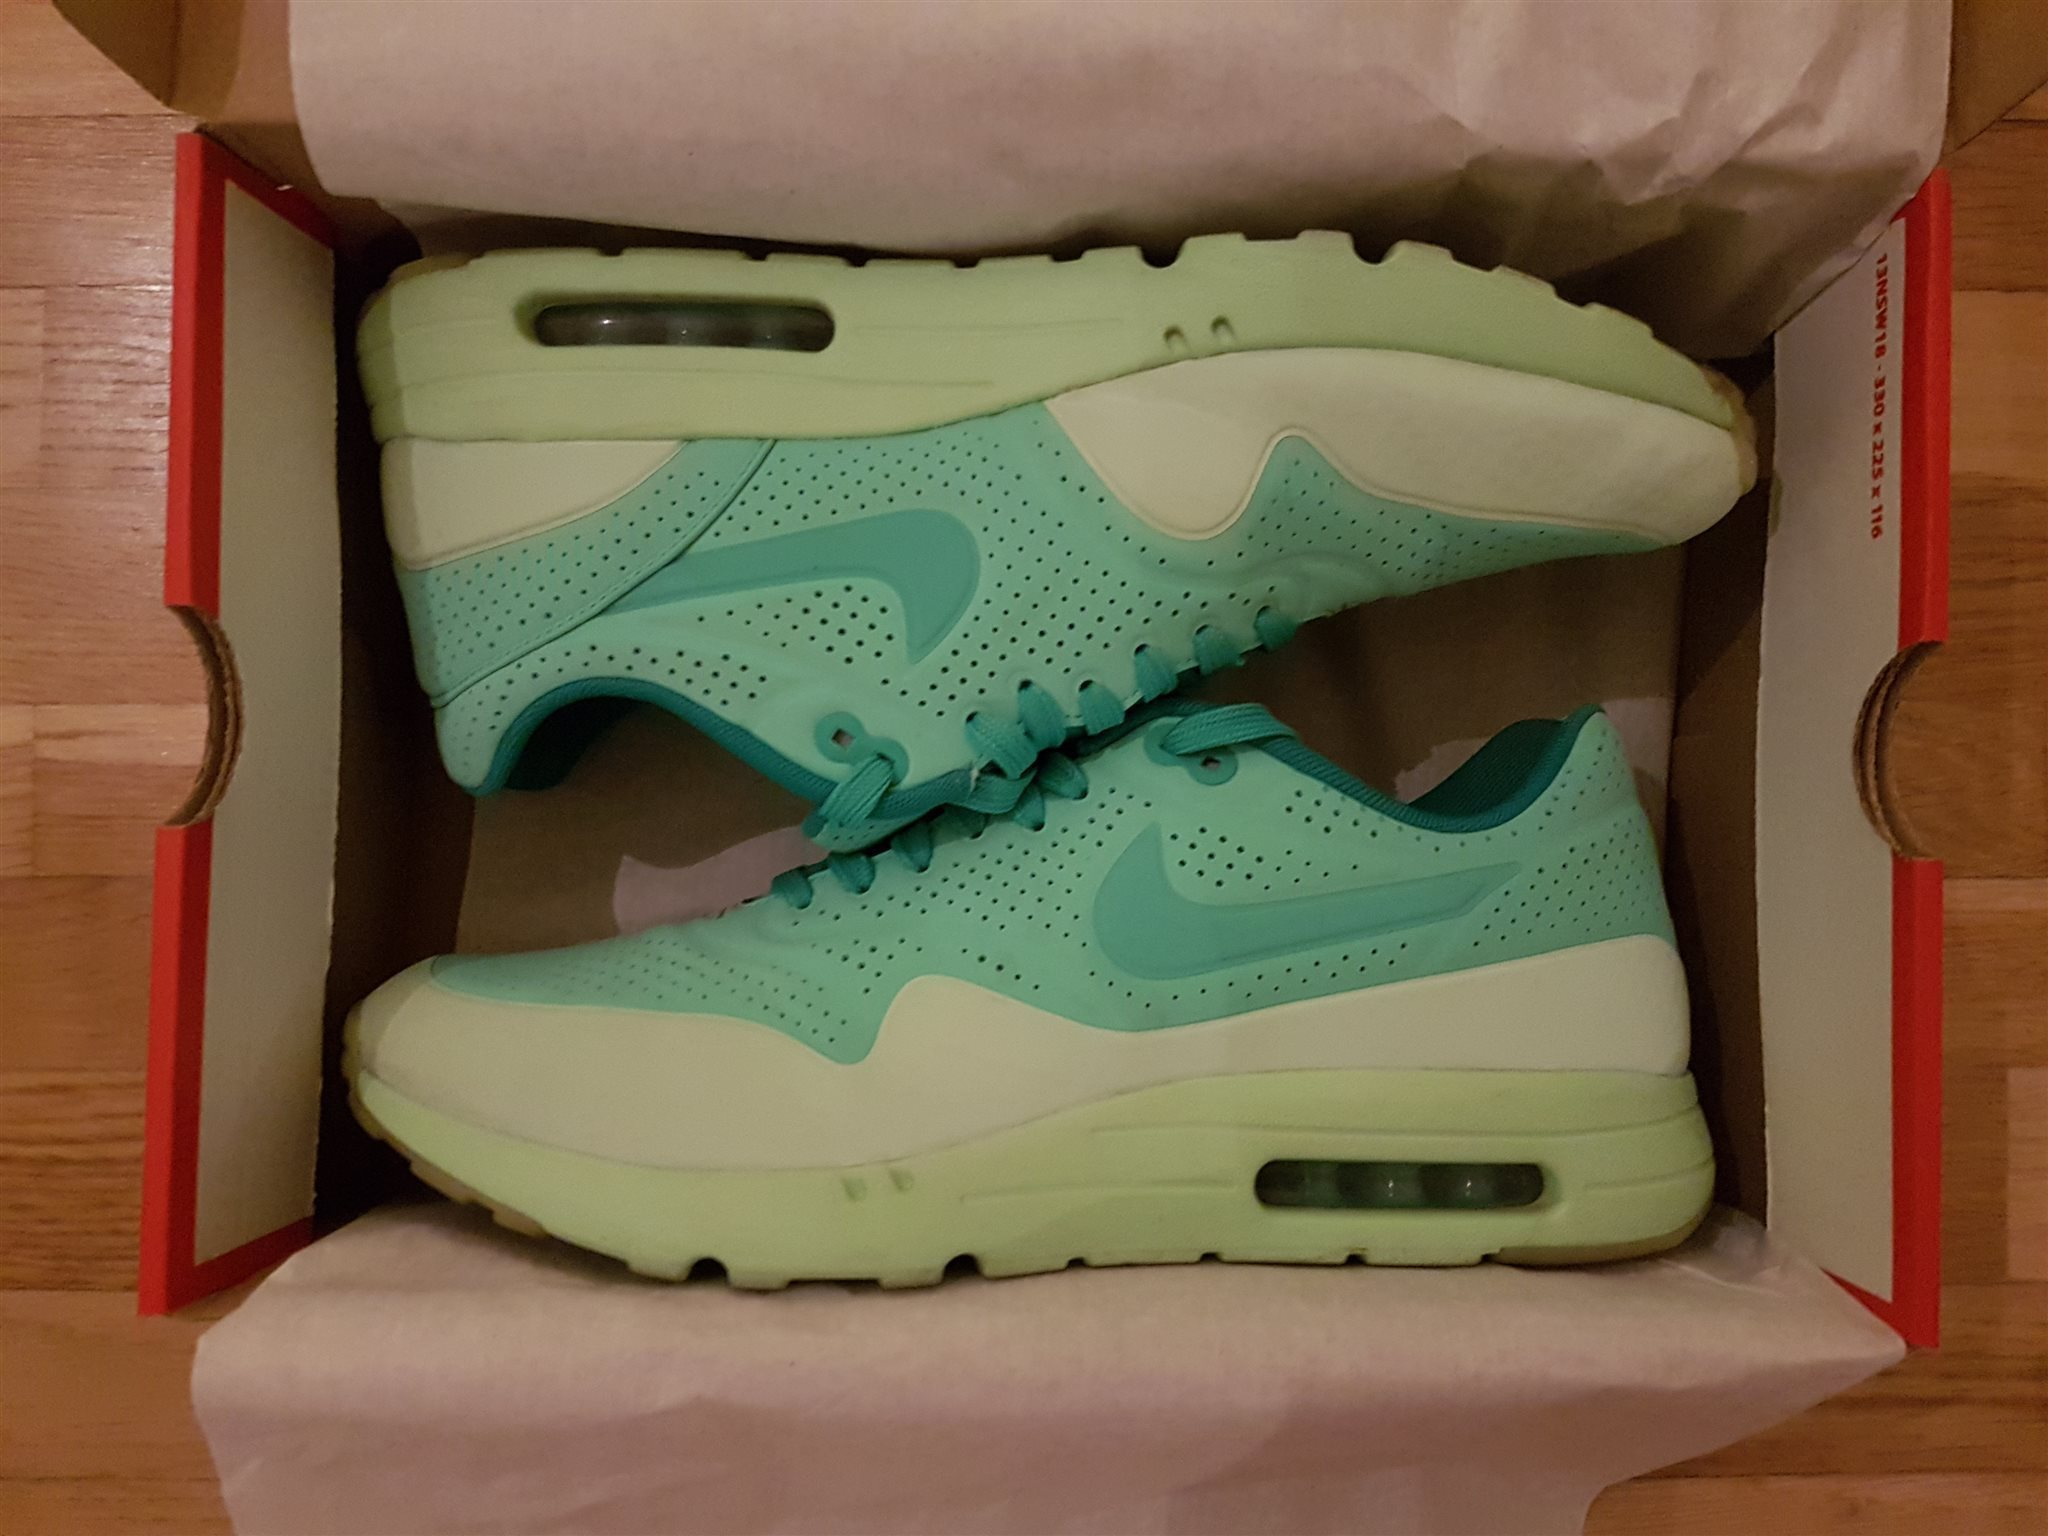 separation shoes 3dfa5 a87df Nike Air Max 1 Ultra Moire, Mint, strl 45,5